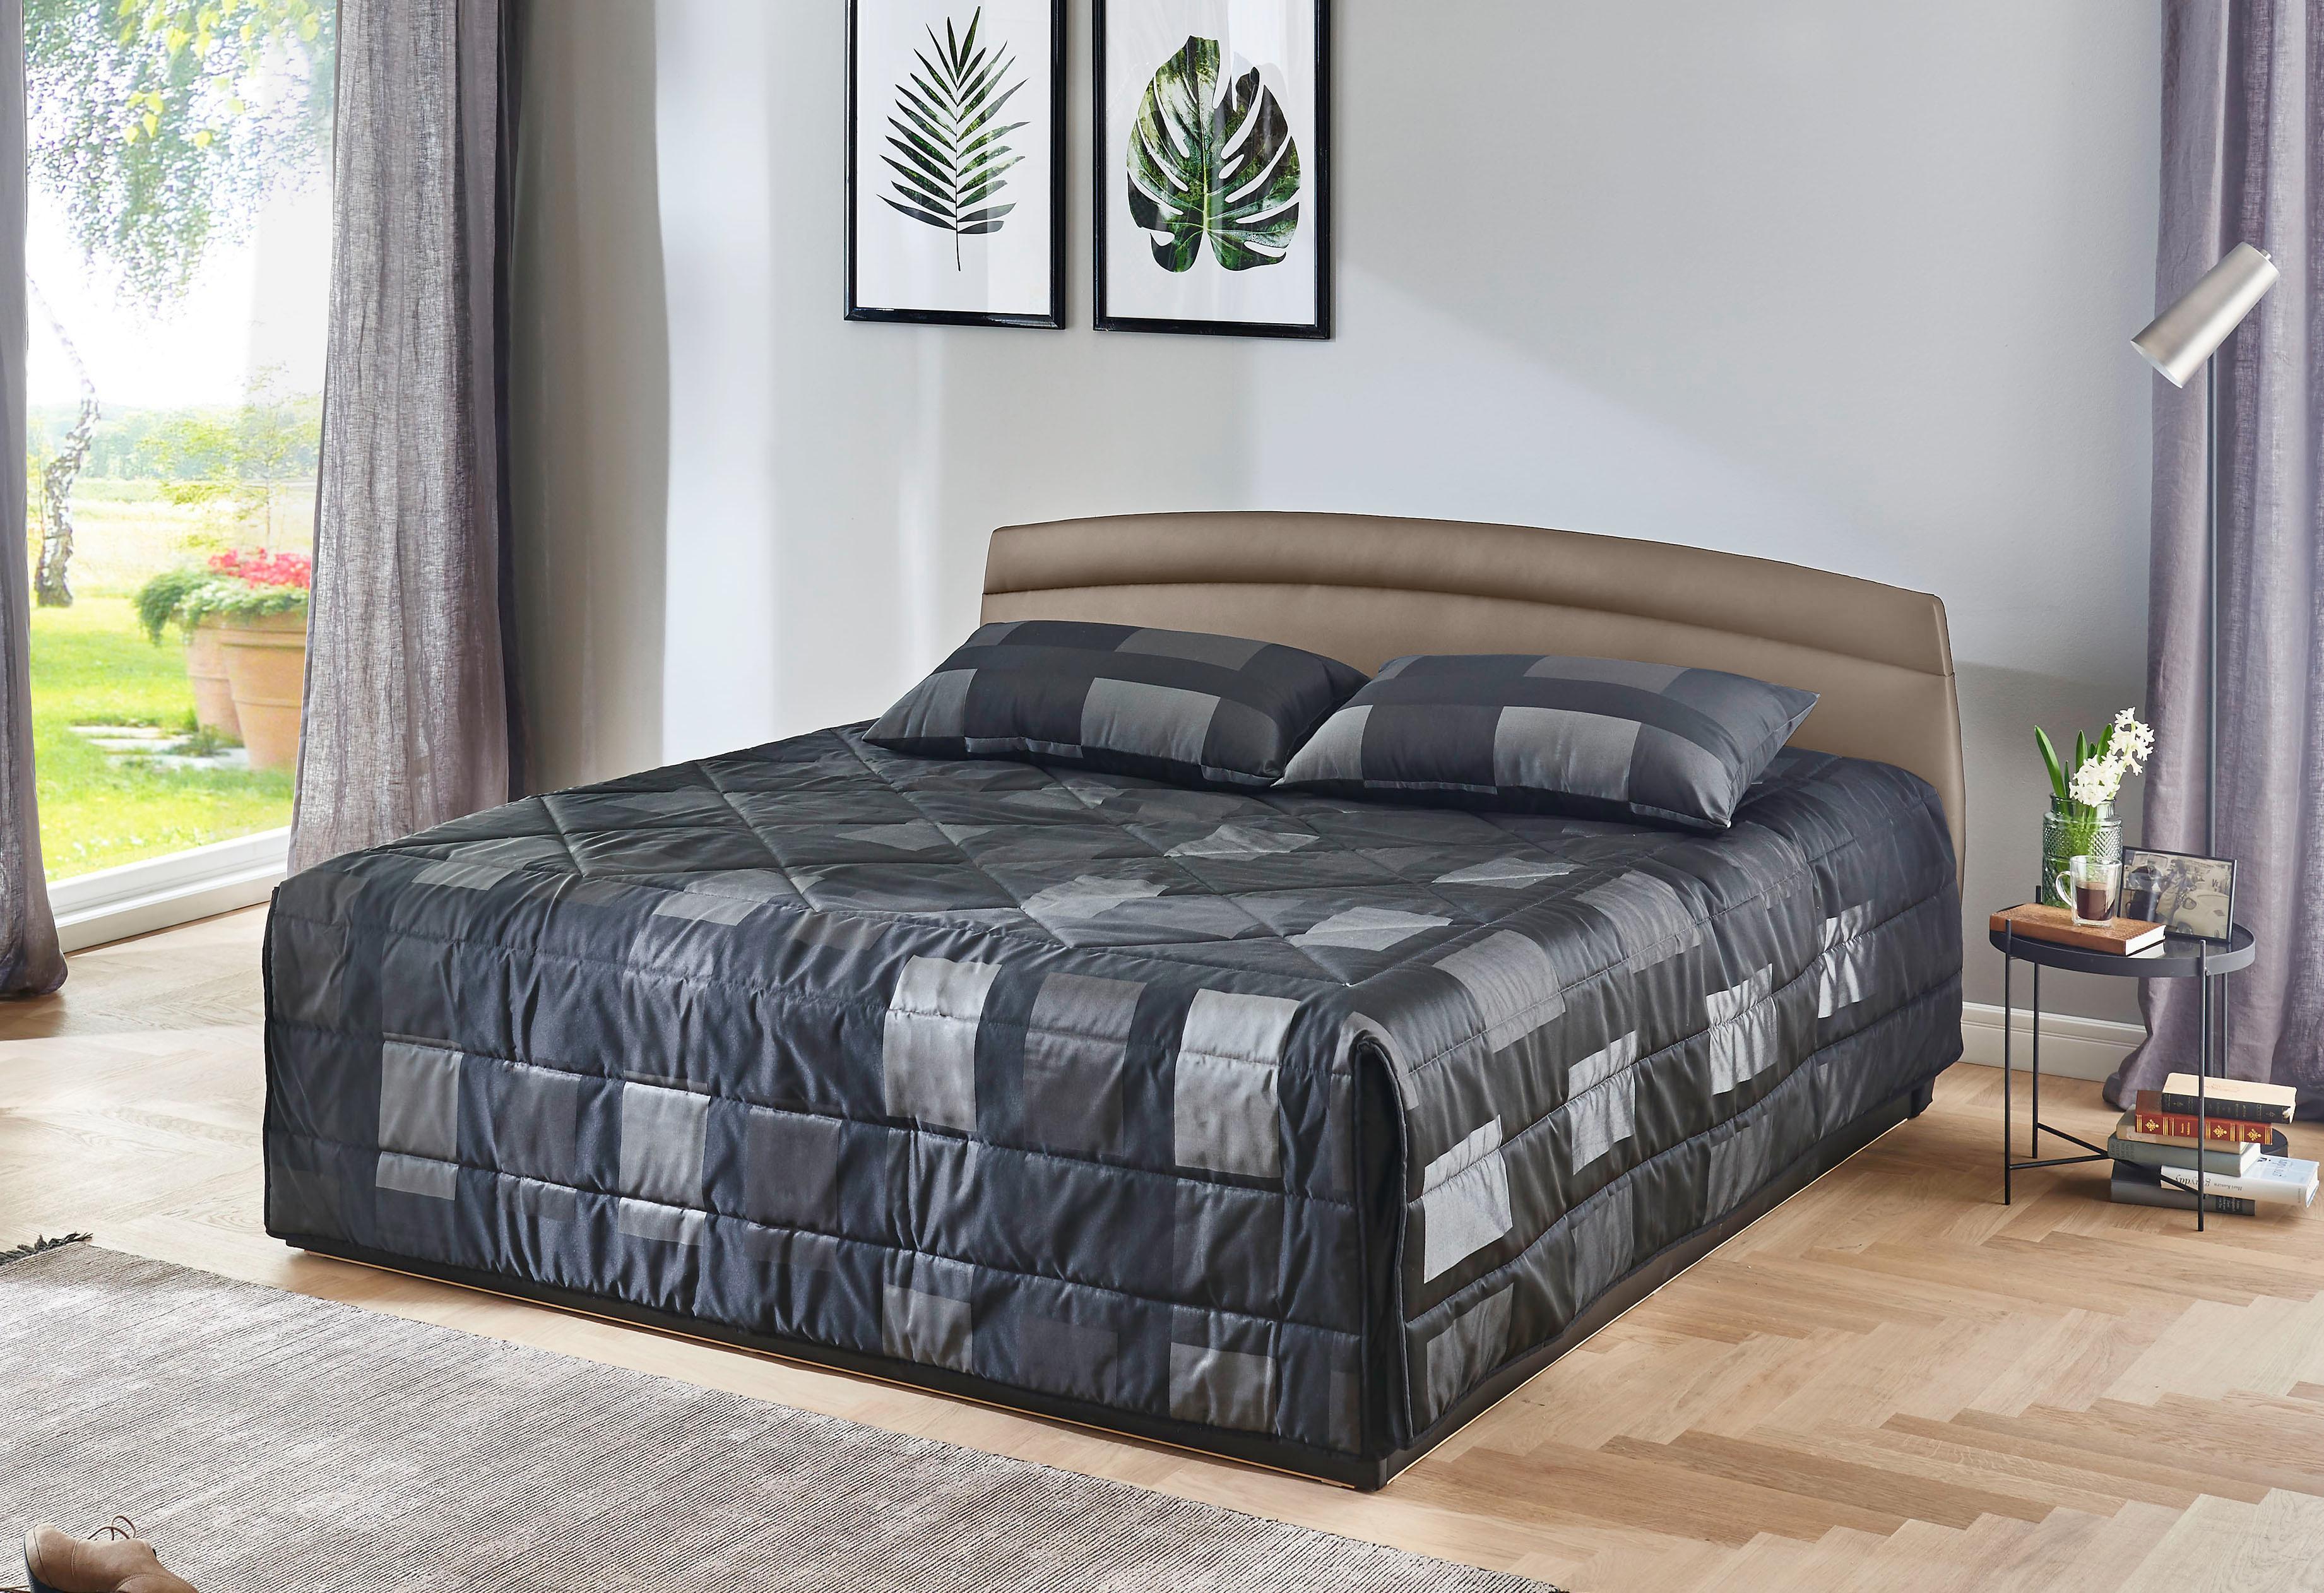 Westfalia Schlafkomfort Polsterbett, wahlweise mit Bettkasten, in 2 Höhen und diversen Ausführungen | Schlafzimmer > Betten > Polsterbetten | Federn - Kunstleder - Polyester - Baumwolle | WESTFALIA SCHLAFKOMFORT